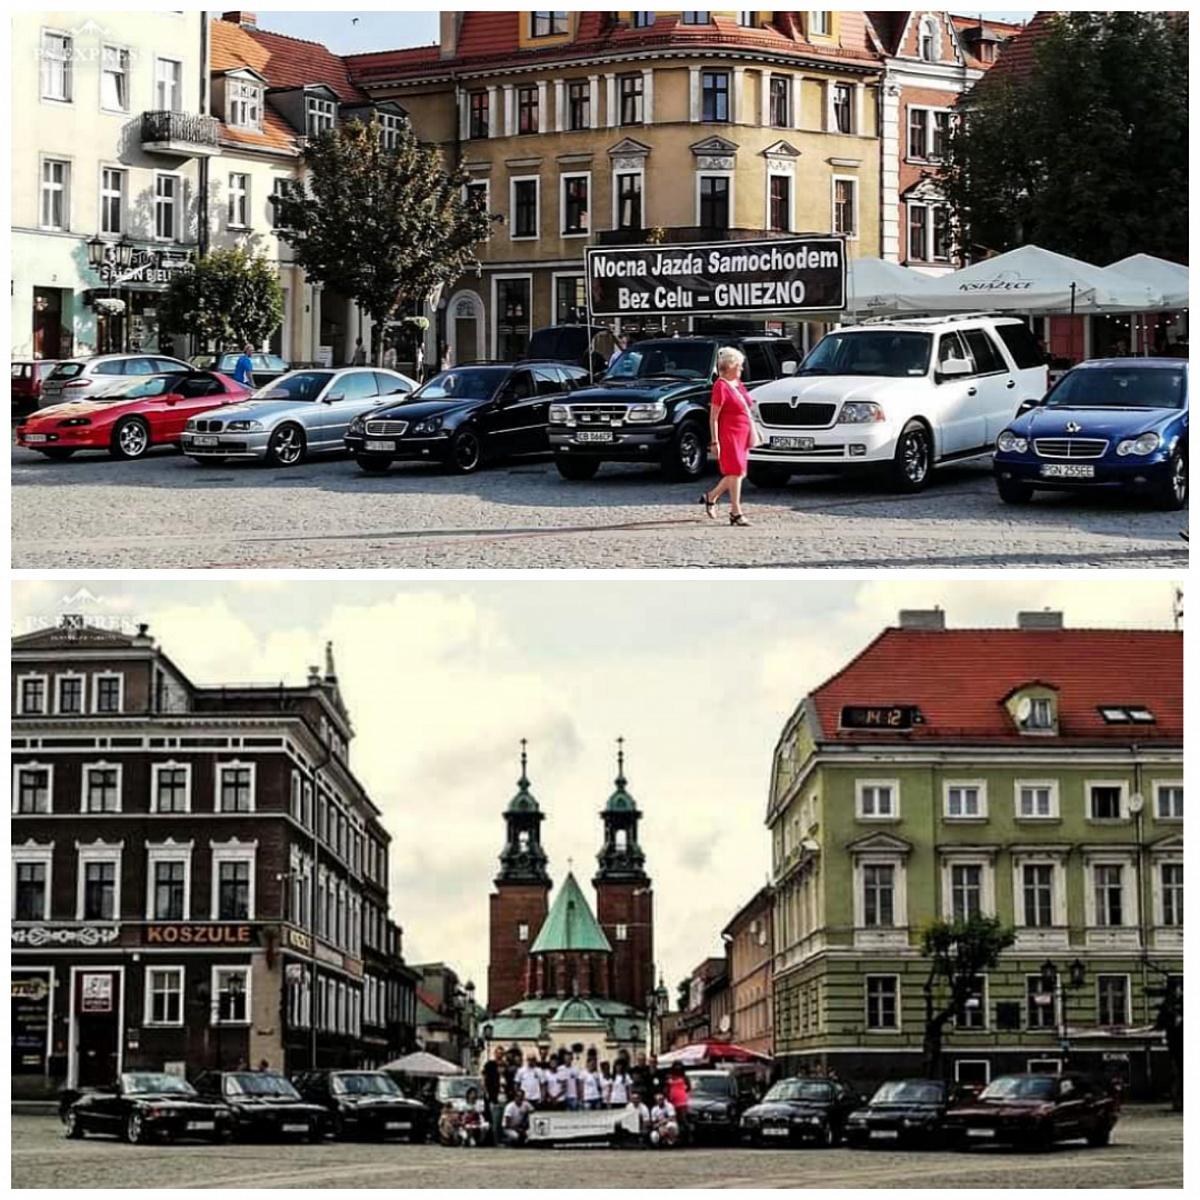 Rozpoczęcie sezonu z BMW Gniezno & Nocną Gniezno!